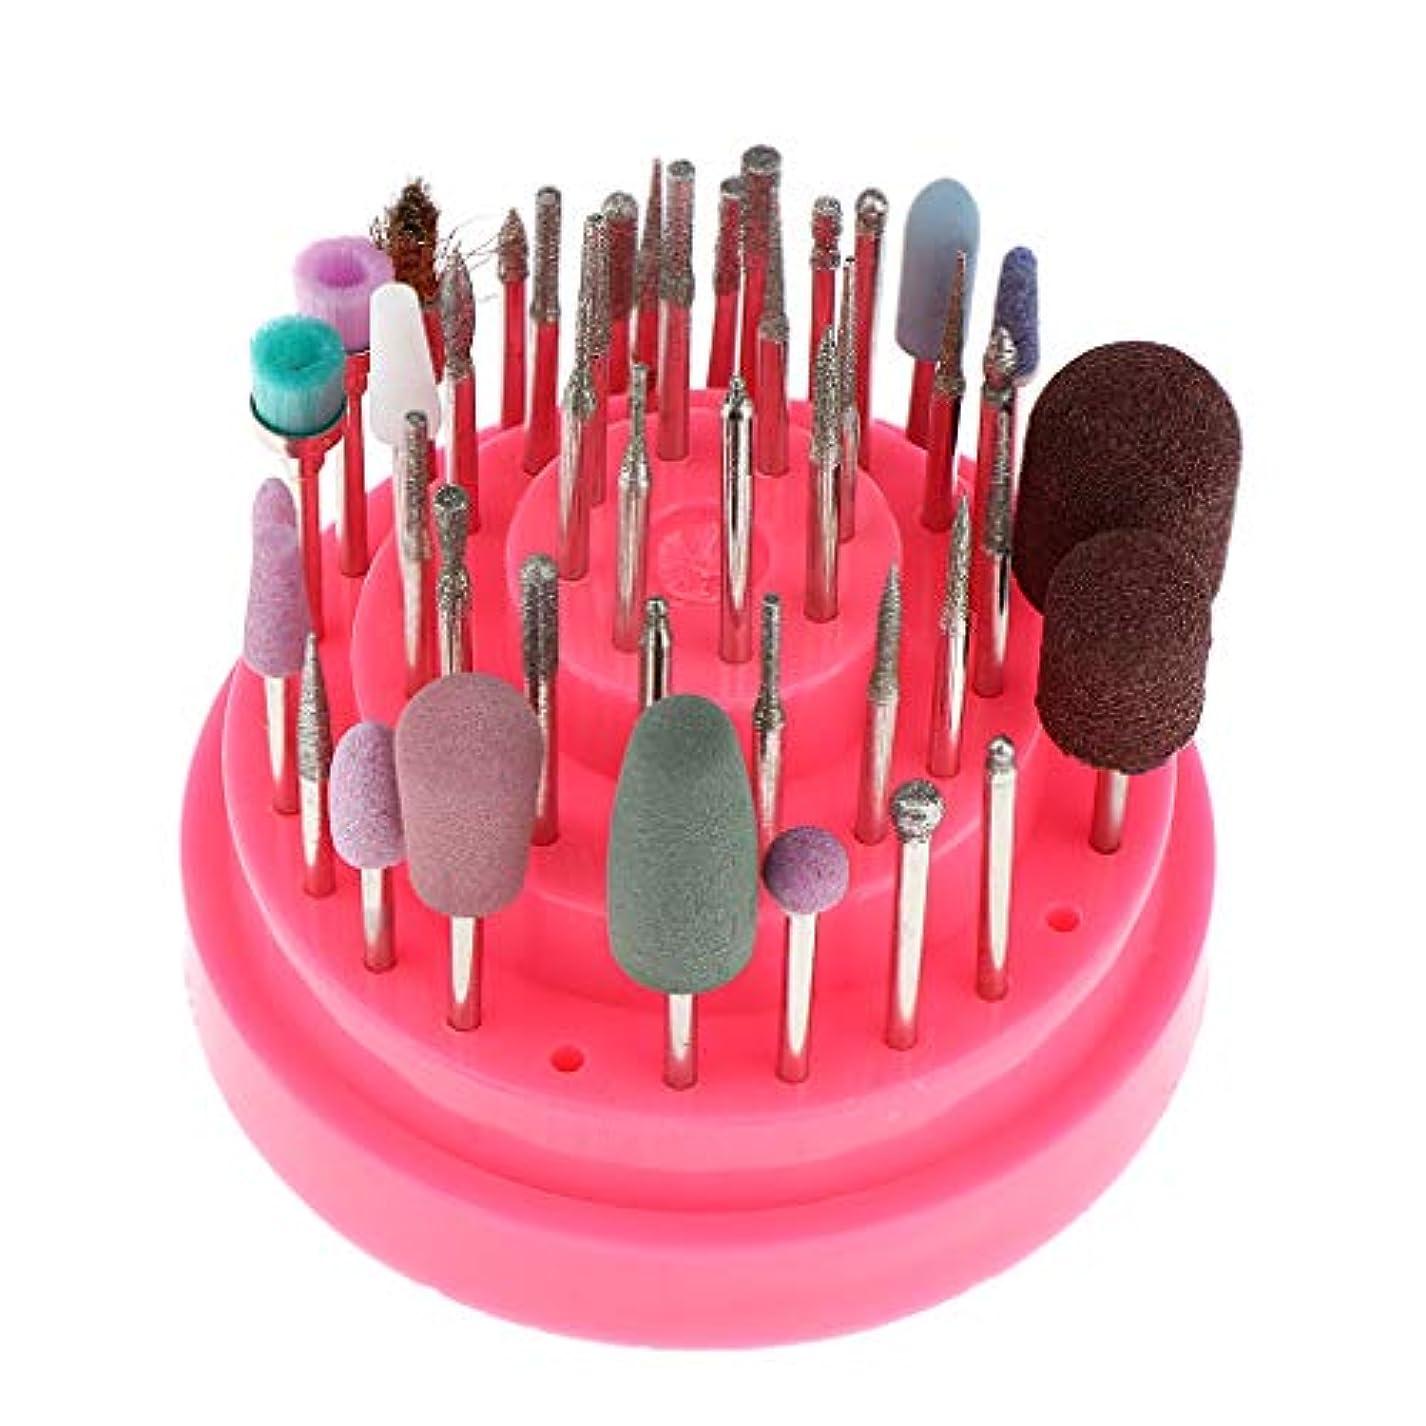 お誕生日発掘予言するToygogo 専門の釘の先端の粉砕の頭部のタングステンの釘の穴あけ工具セット - ピンク